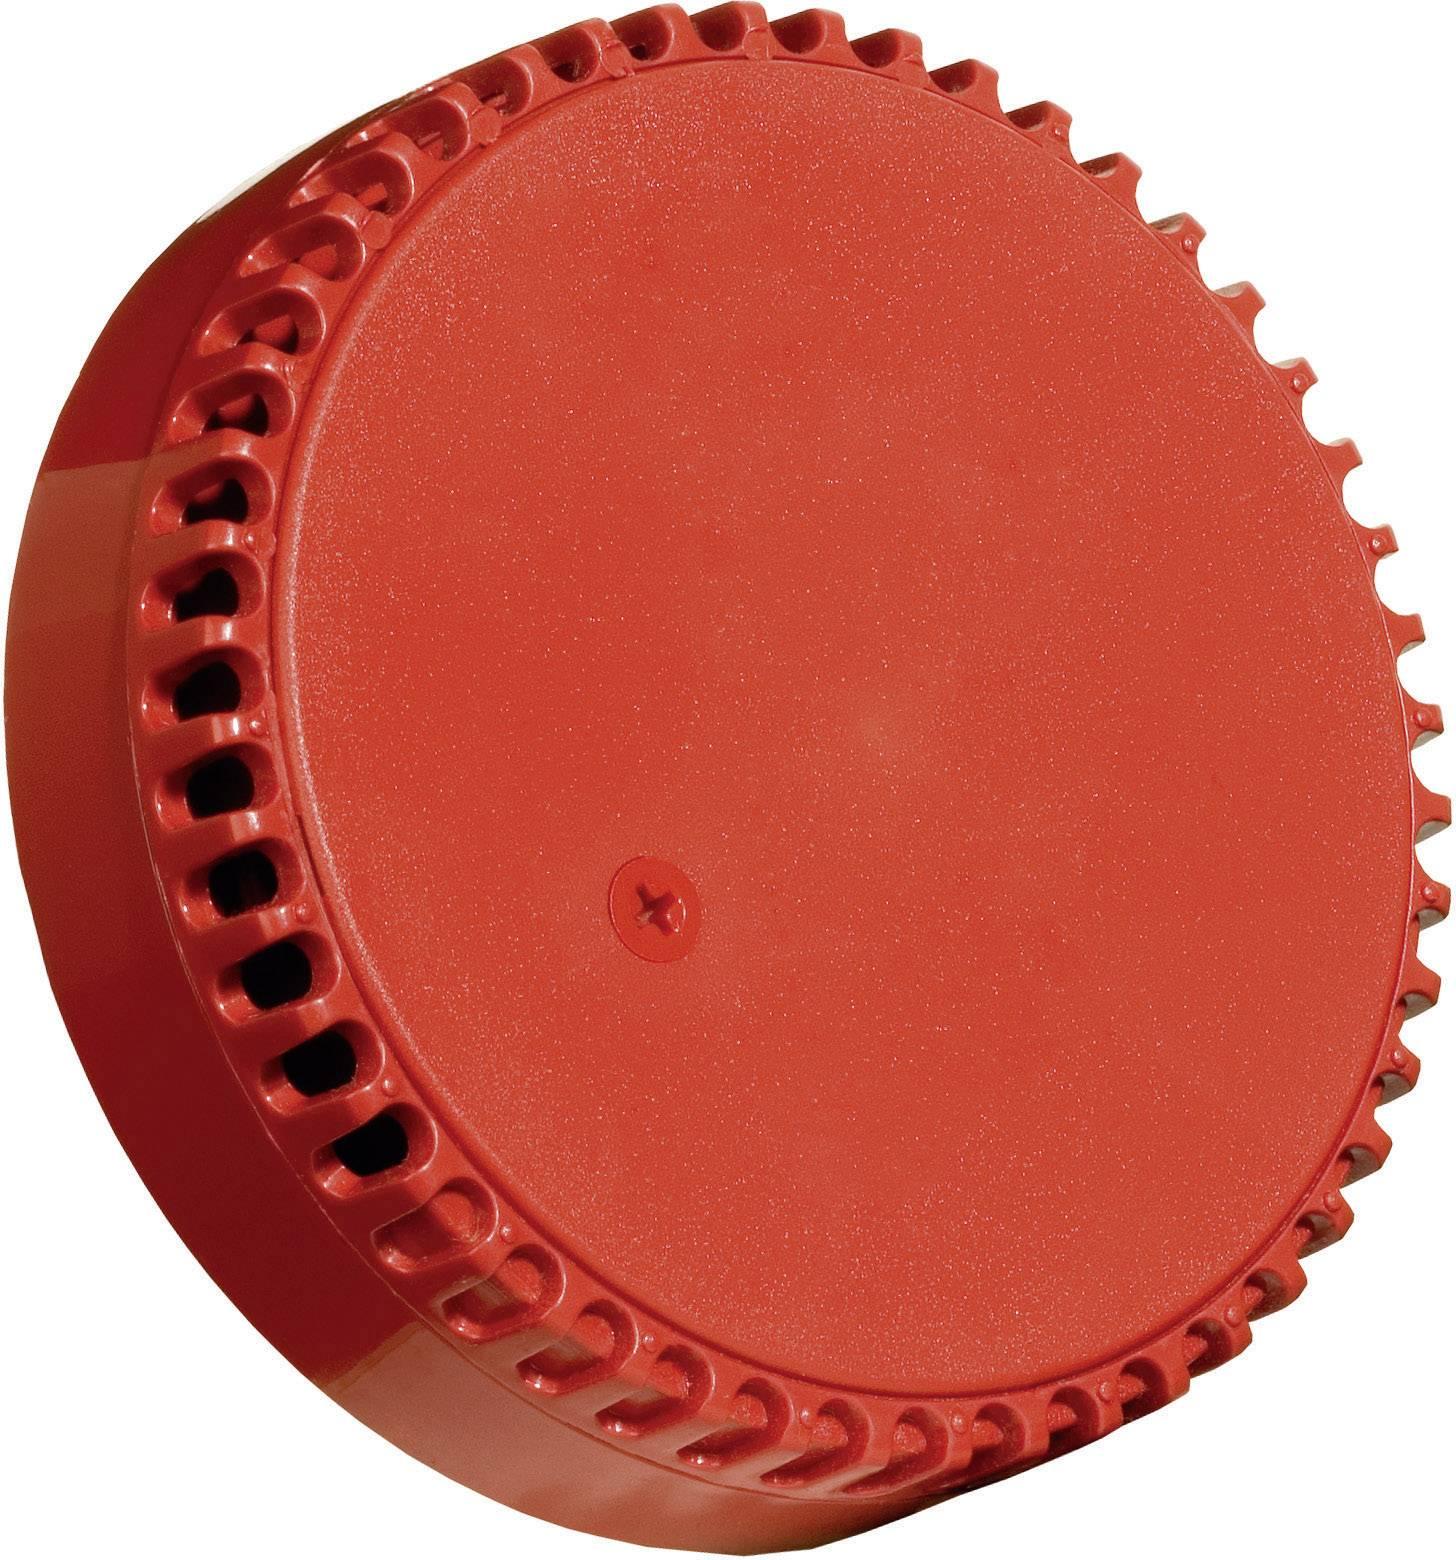 Signalizační siréna ComPro Squashni rot SQ/R, stálý tón, 12 V/DC, 24 V/DC, 102 dB, IP21